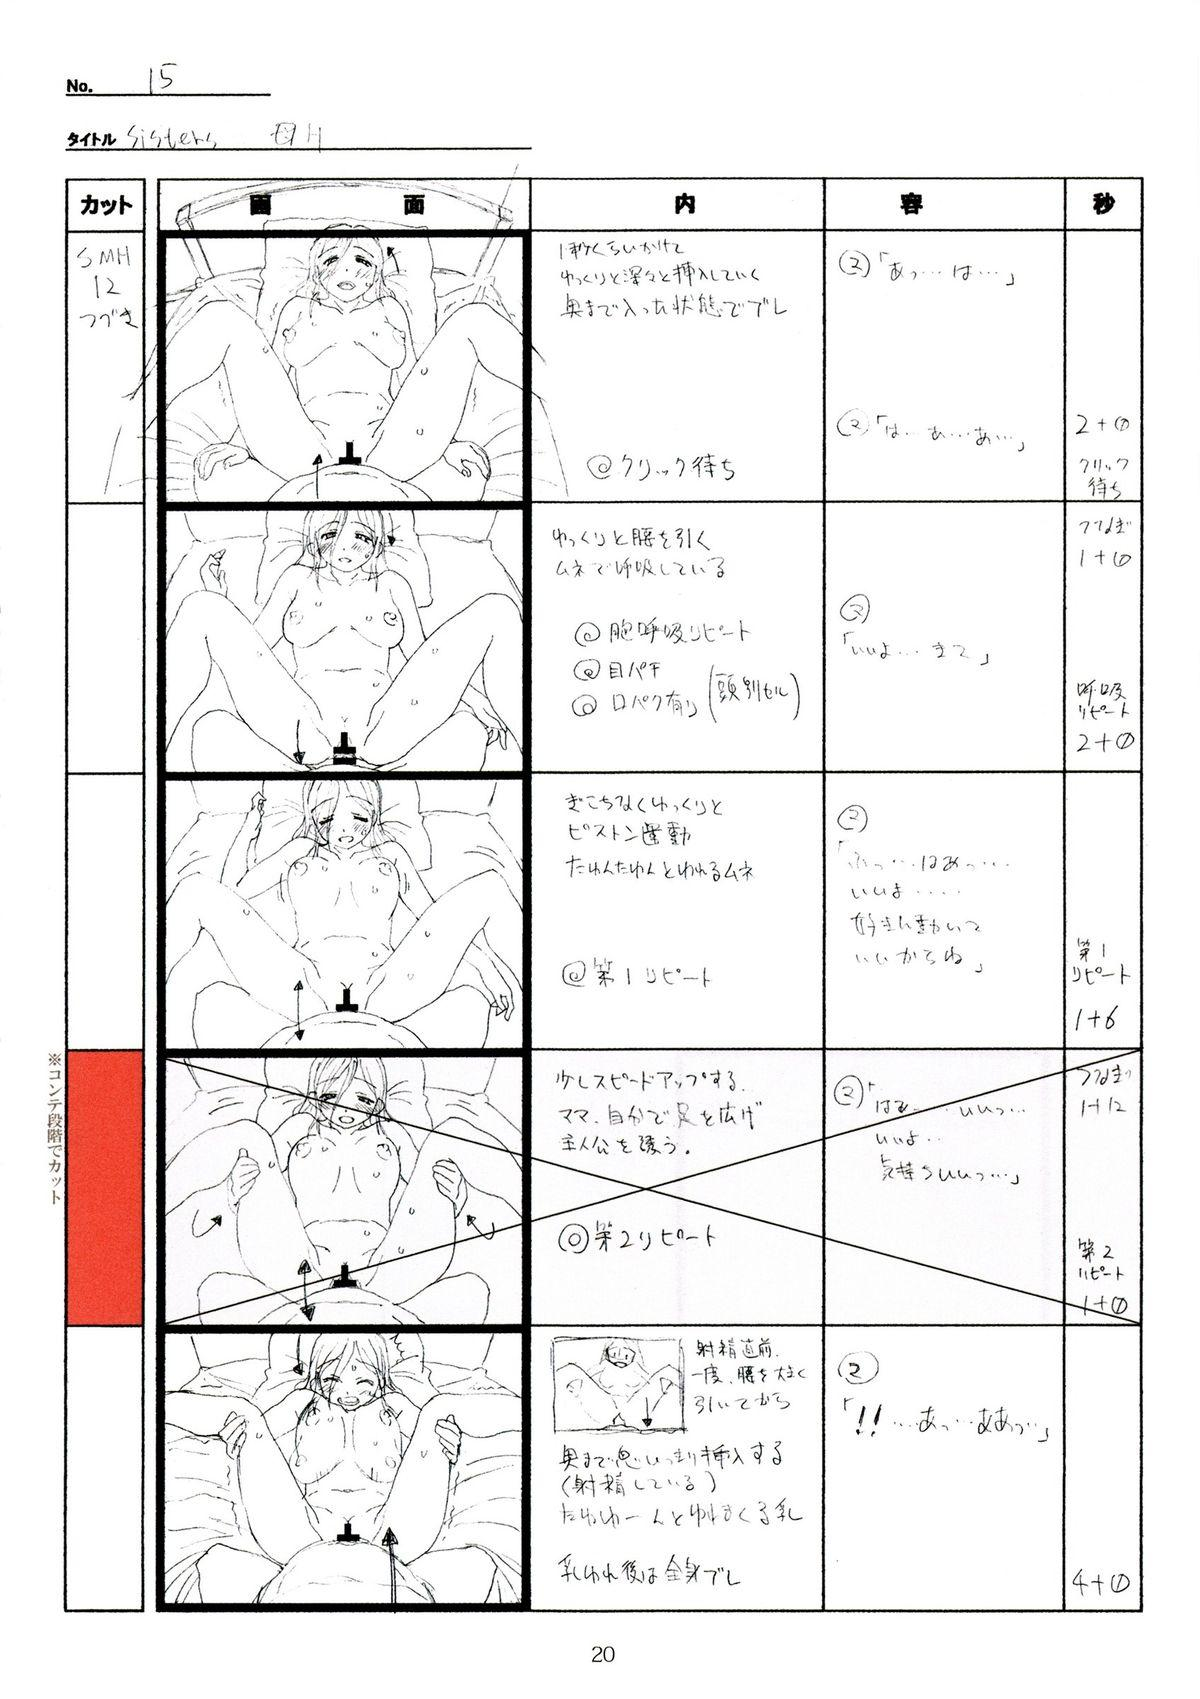 (C89) [Makino Jimusho (Taki Minashika)] SISTERS -Natsu no Saigo no Hi- H Scene All Part Storyboard (SISTERS -Natsu no Saigo no Hi-) 19